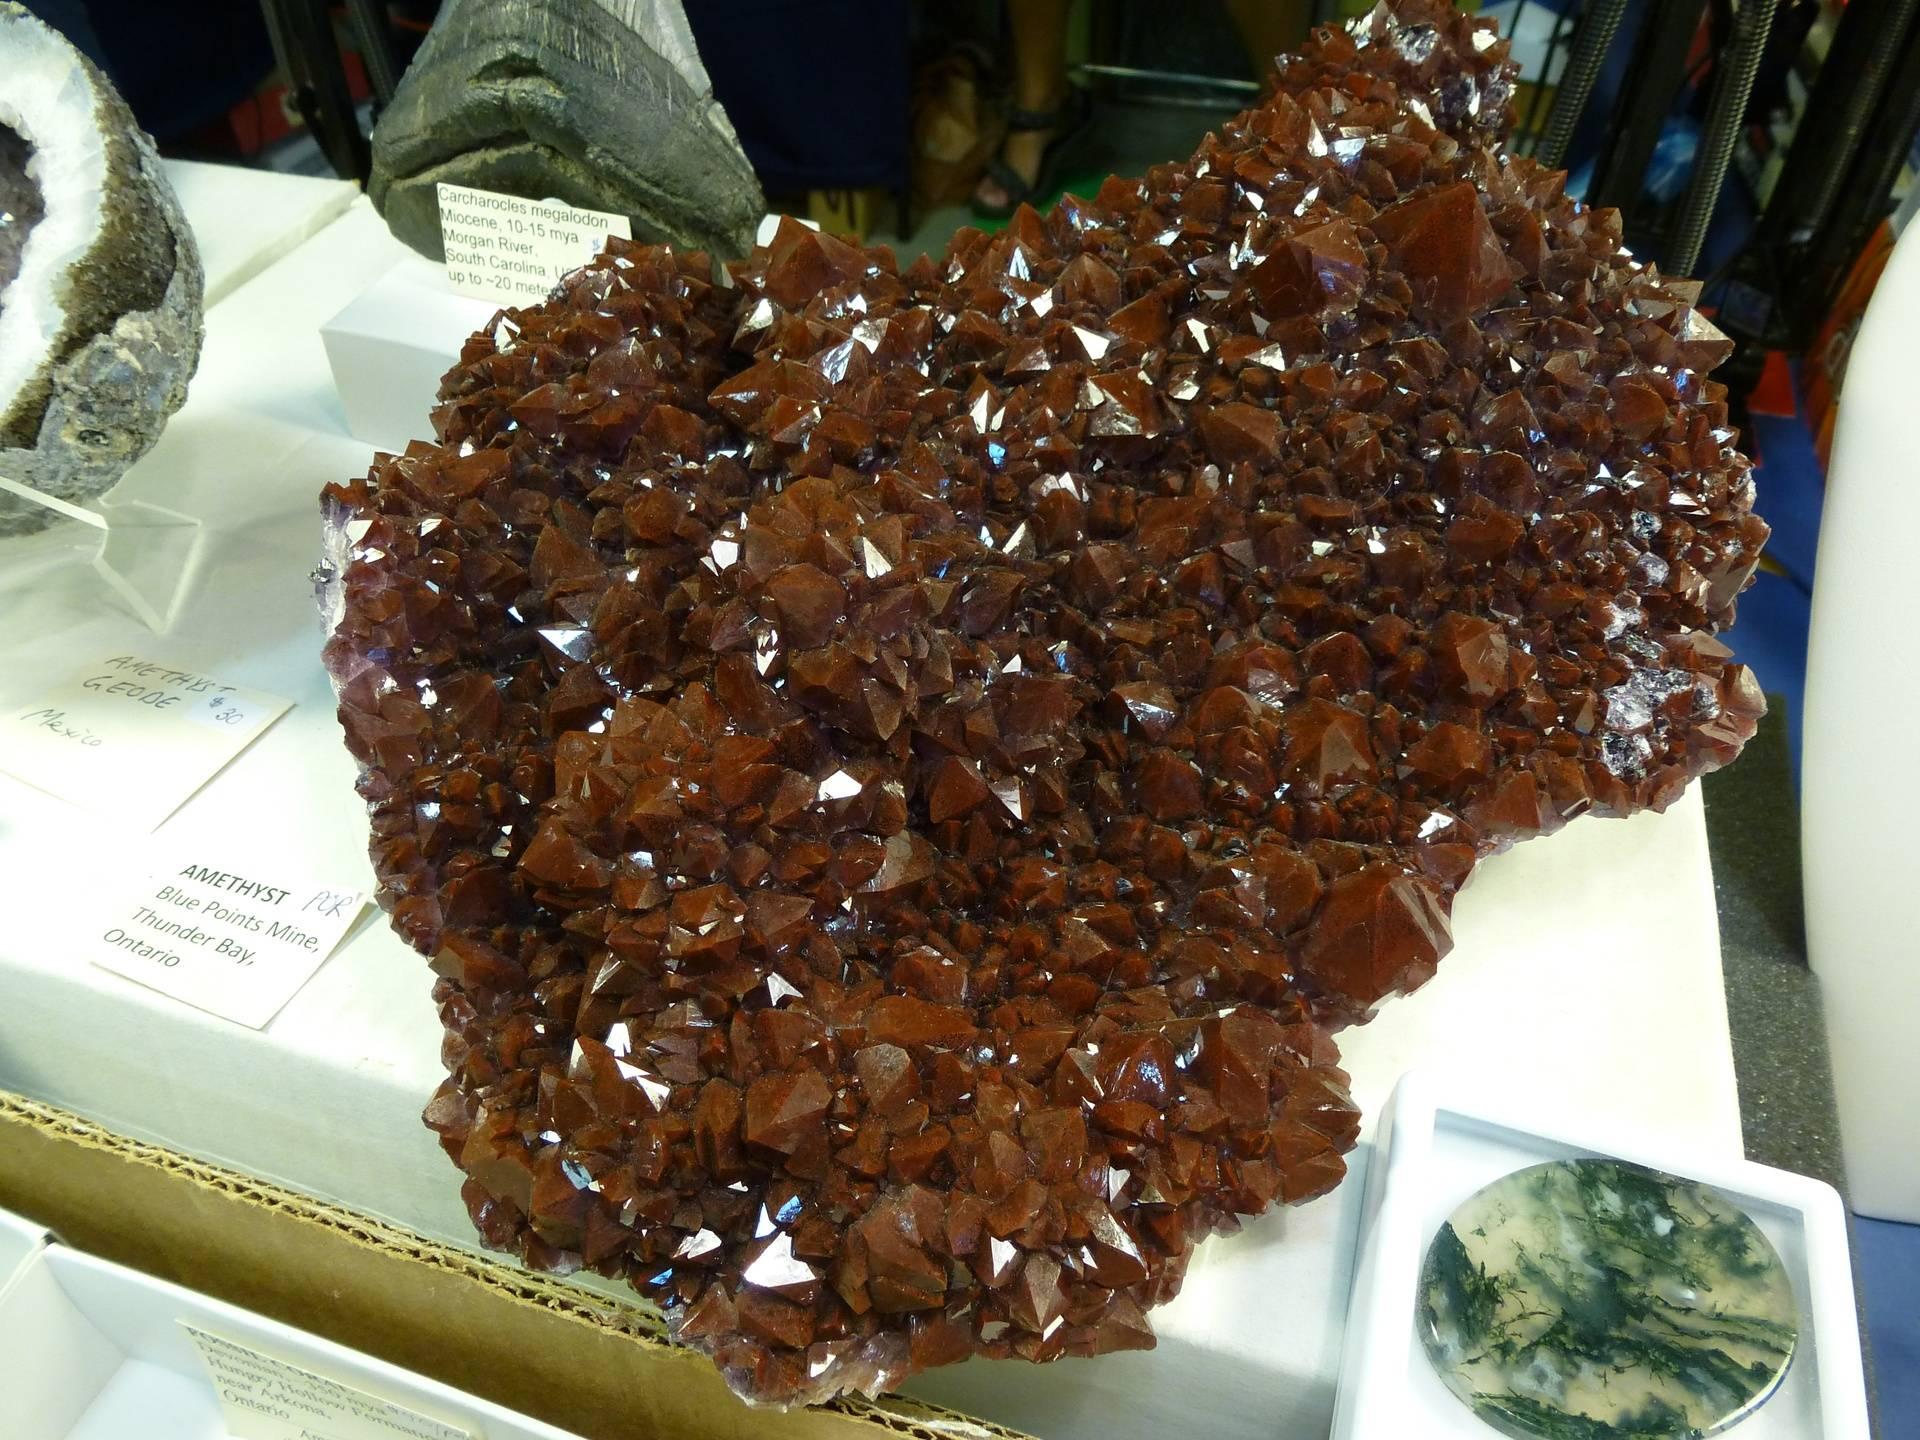 Amethyst from Thunder Bay